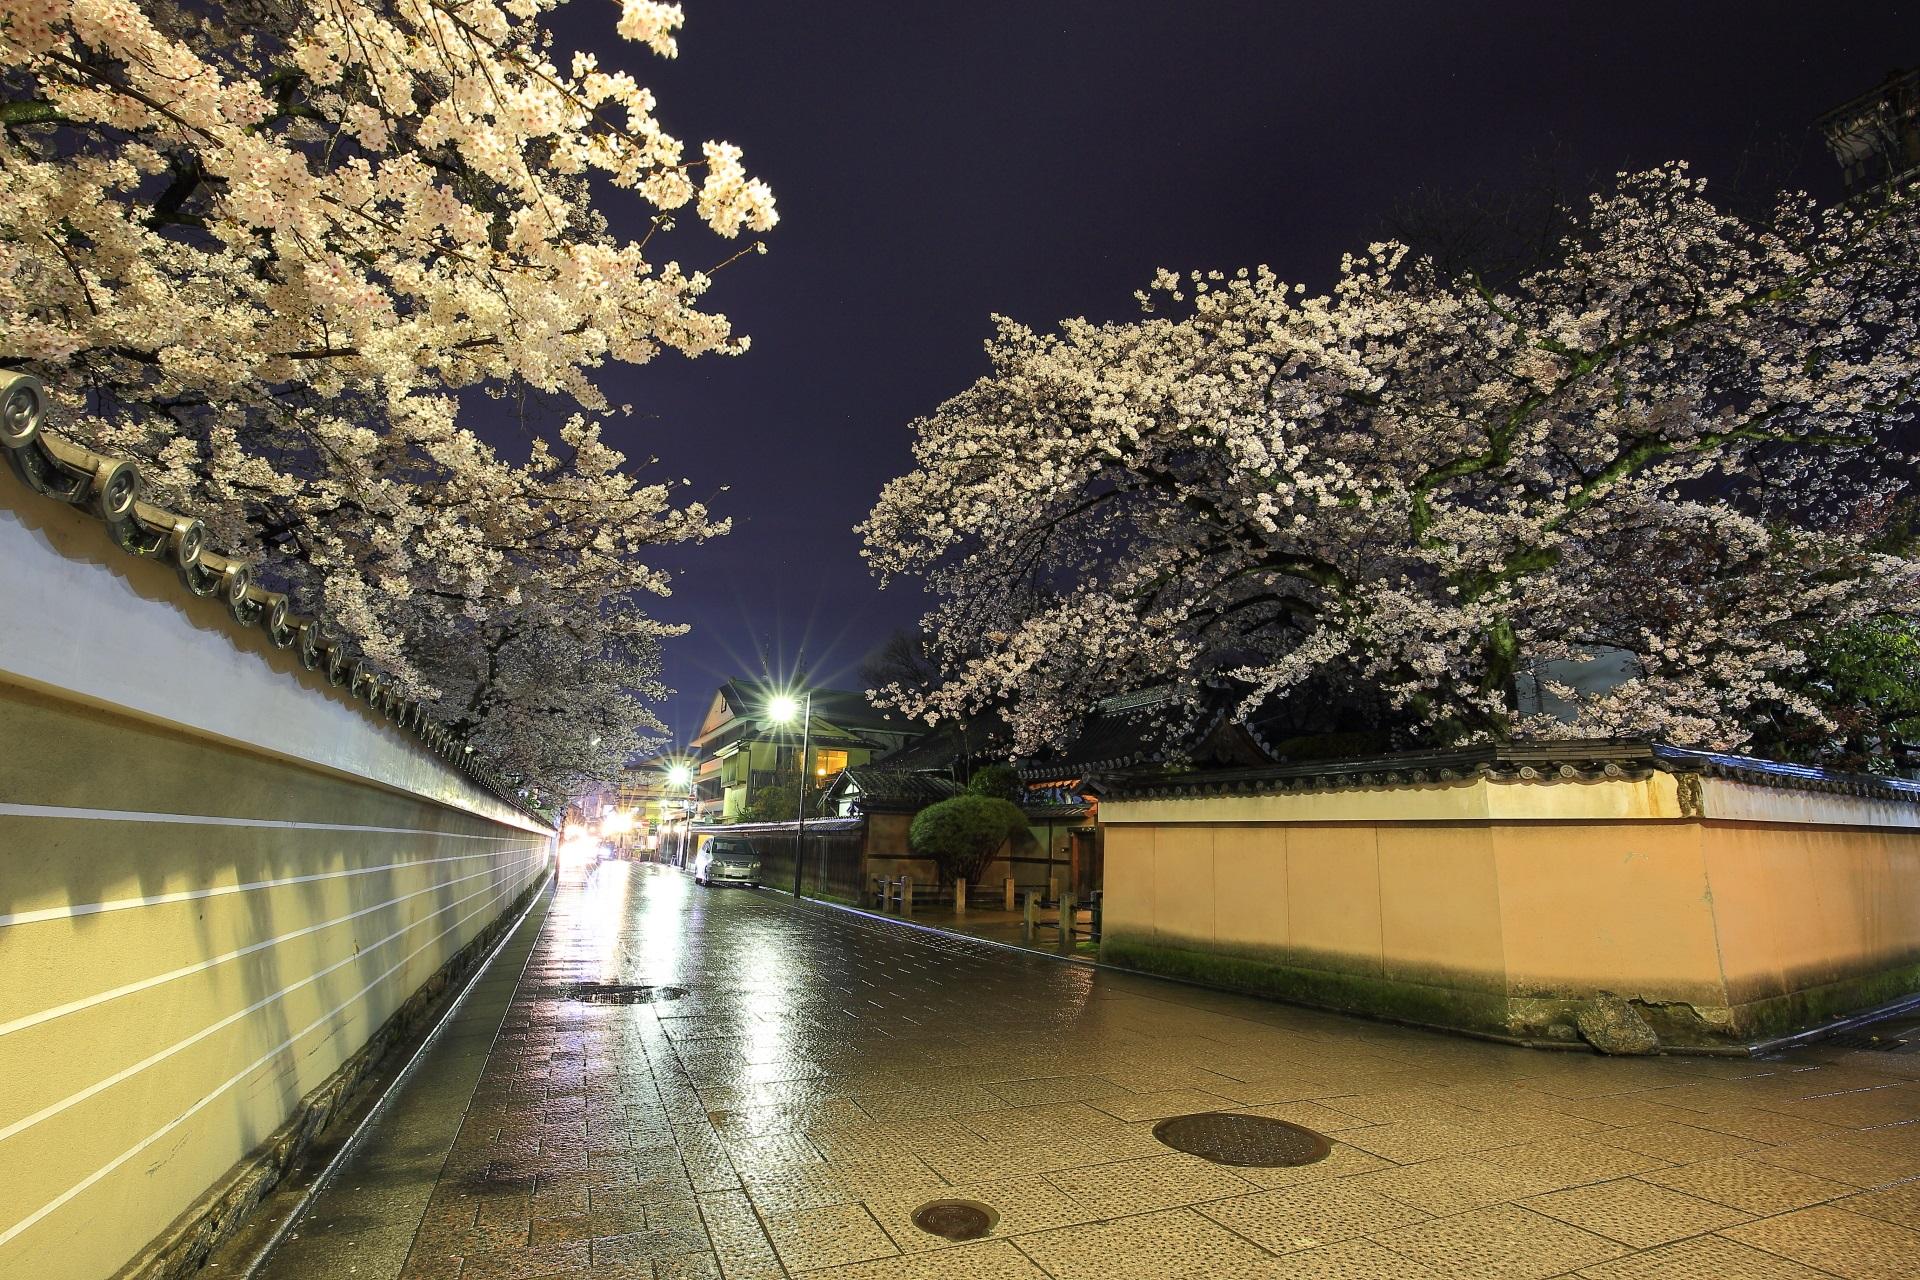 大中院と建仁寺の素晴らしい夜桜と情景